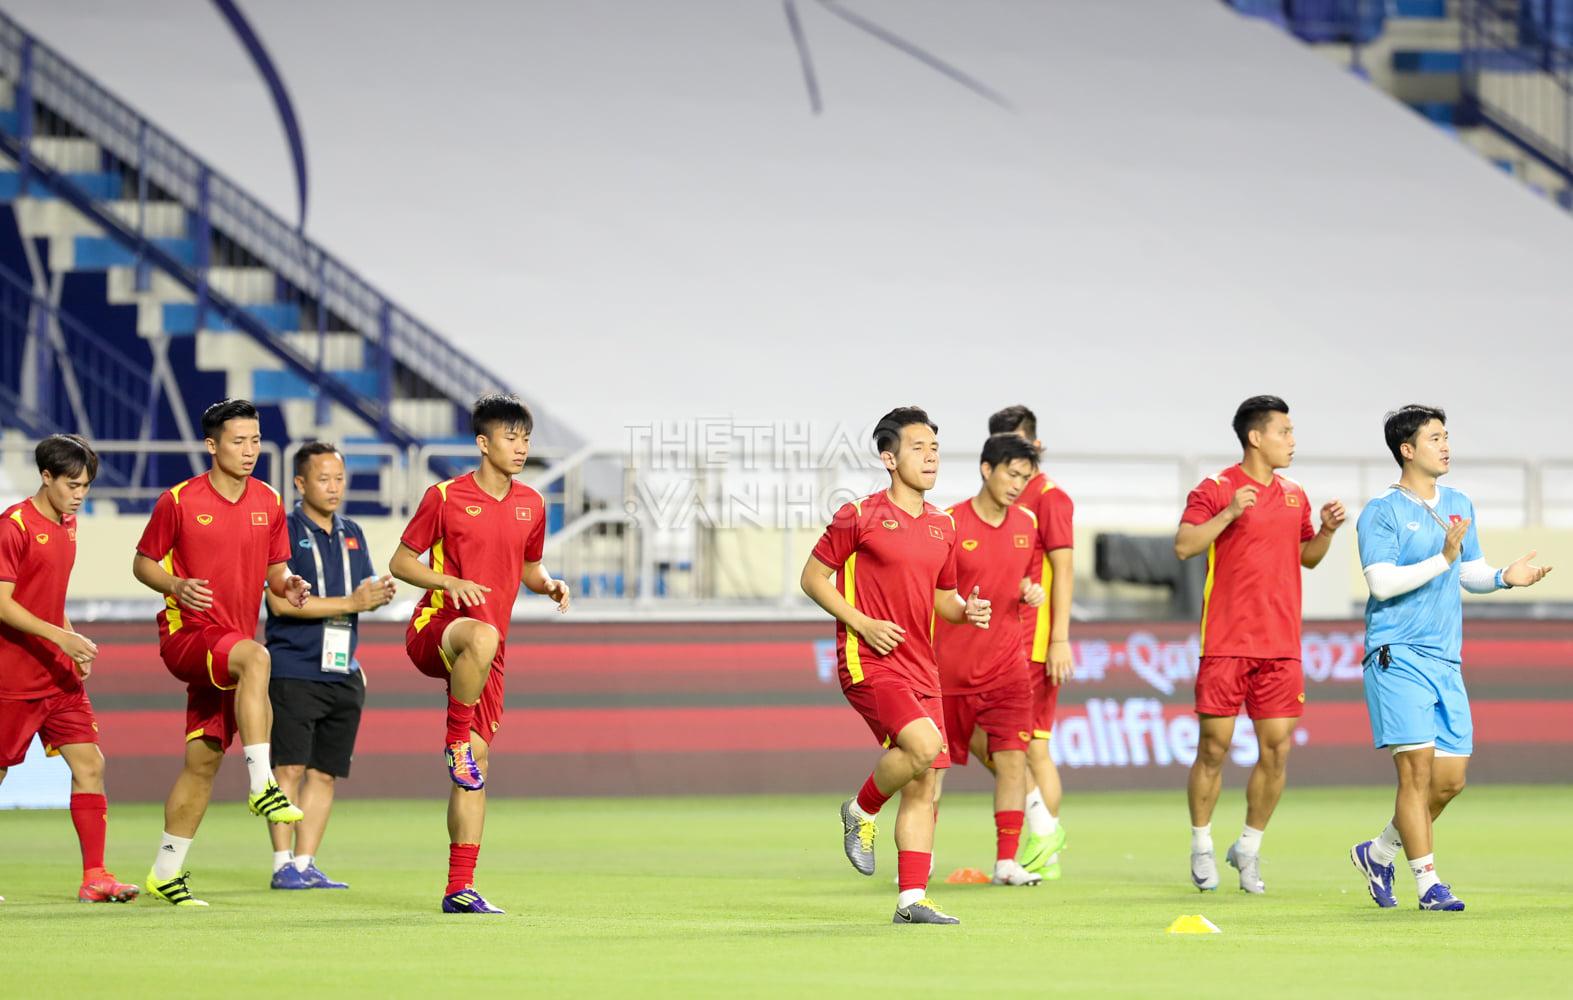 vtv6, truc tiep bong da, Việt Nam đấu với Malaysia, trực tiếp bóng đá hôm nay, VN, Việt Nam vs Malaysia, Indonesia vs UAE, vtv5, lịch thi đấu vòng loại World Cup 2022